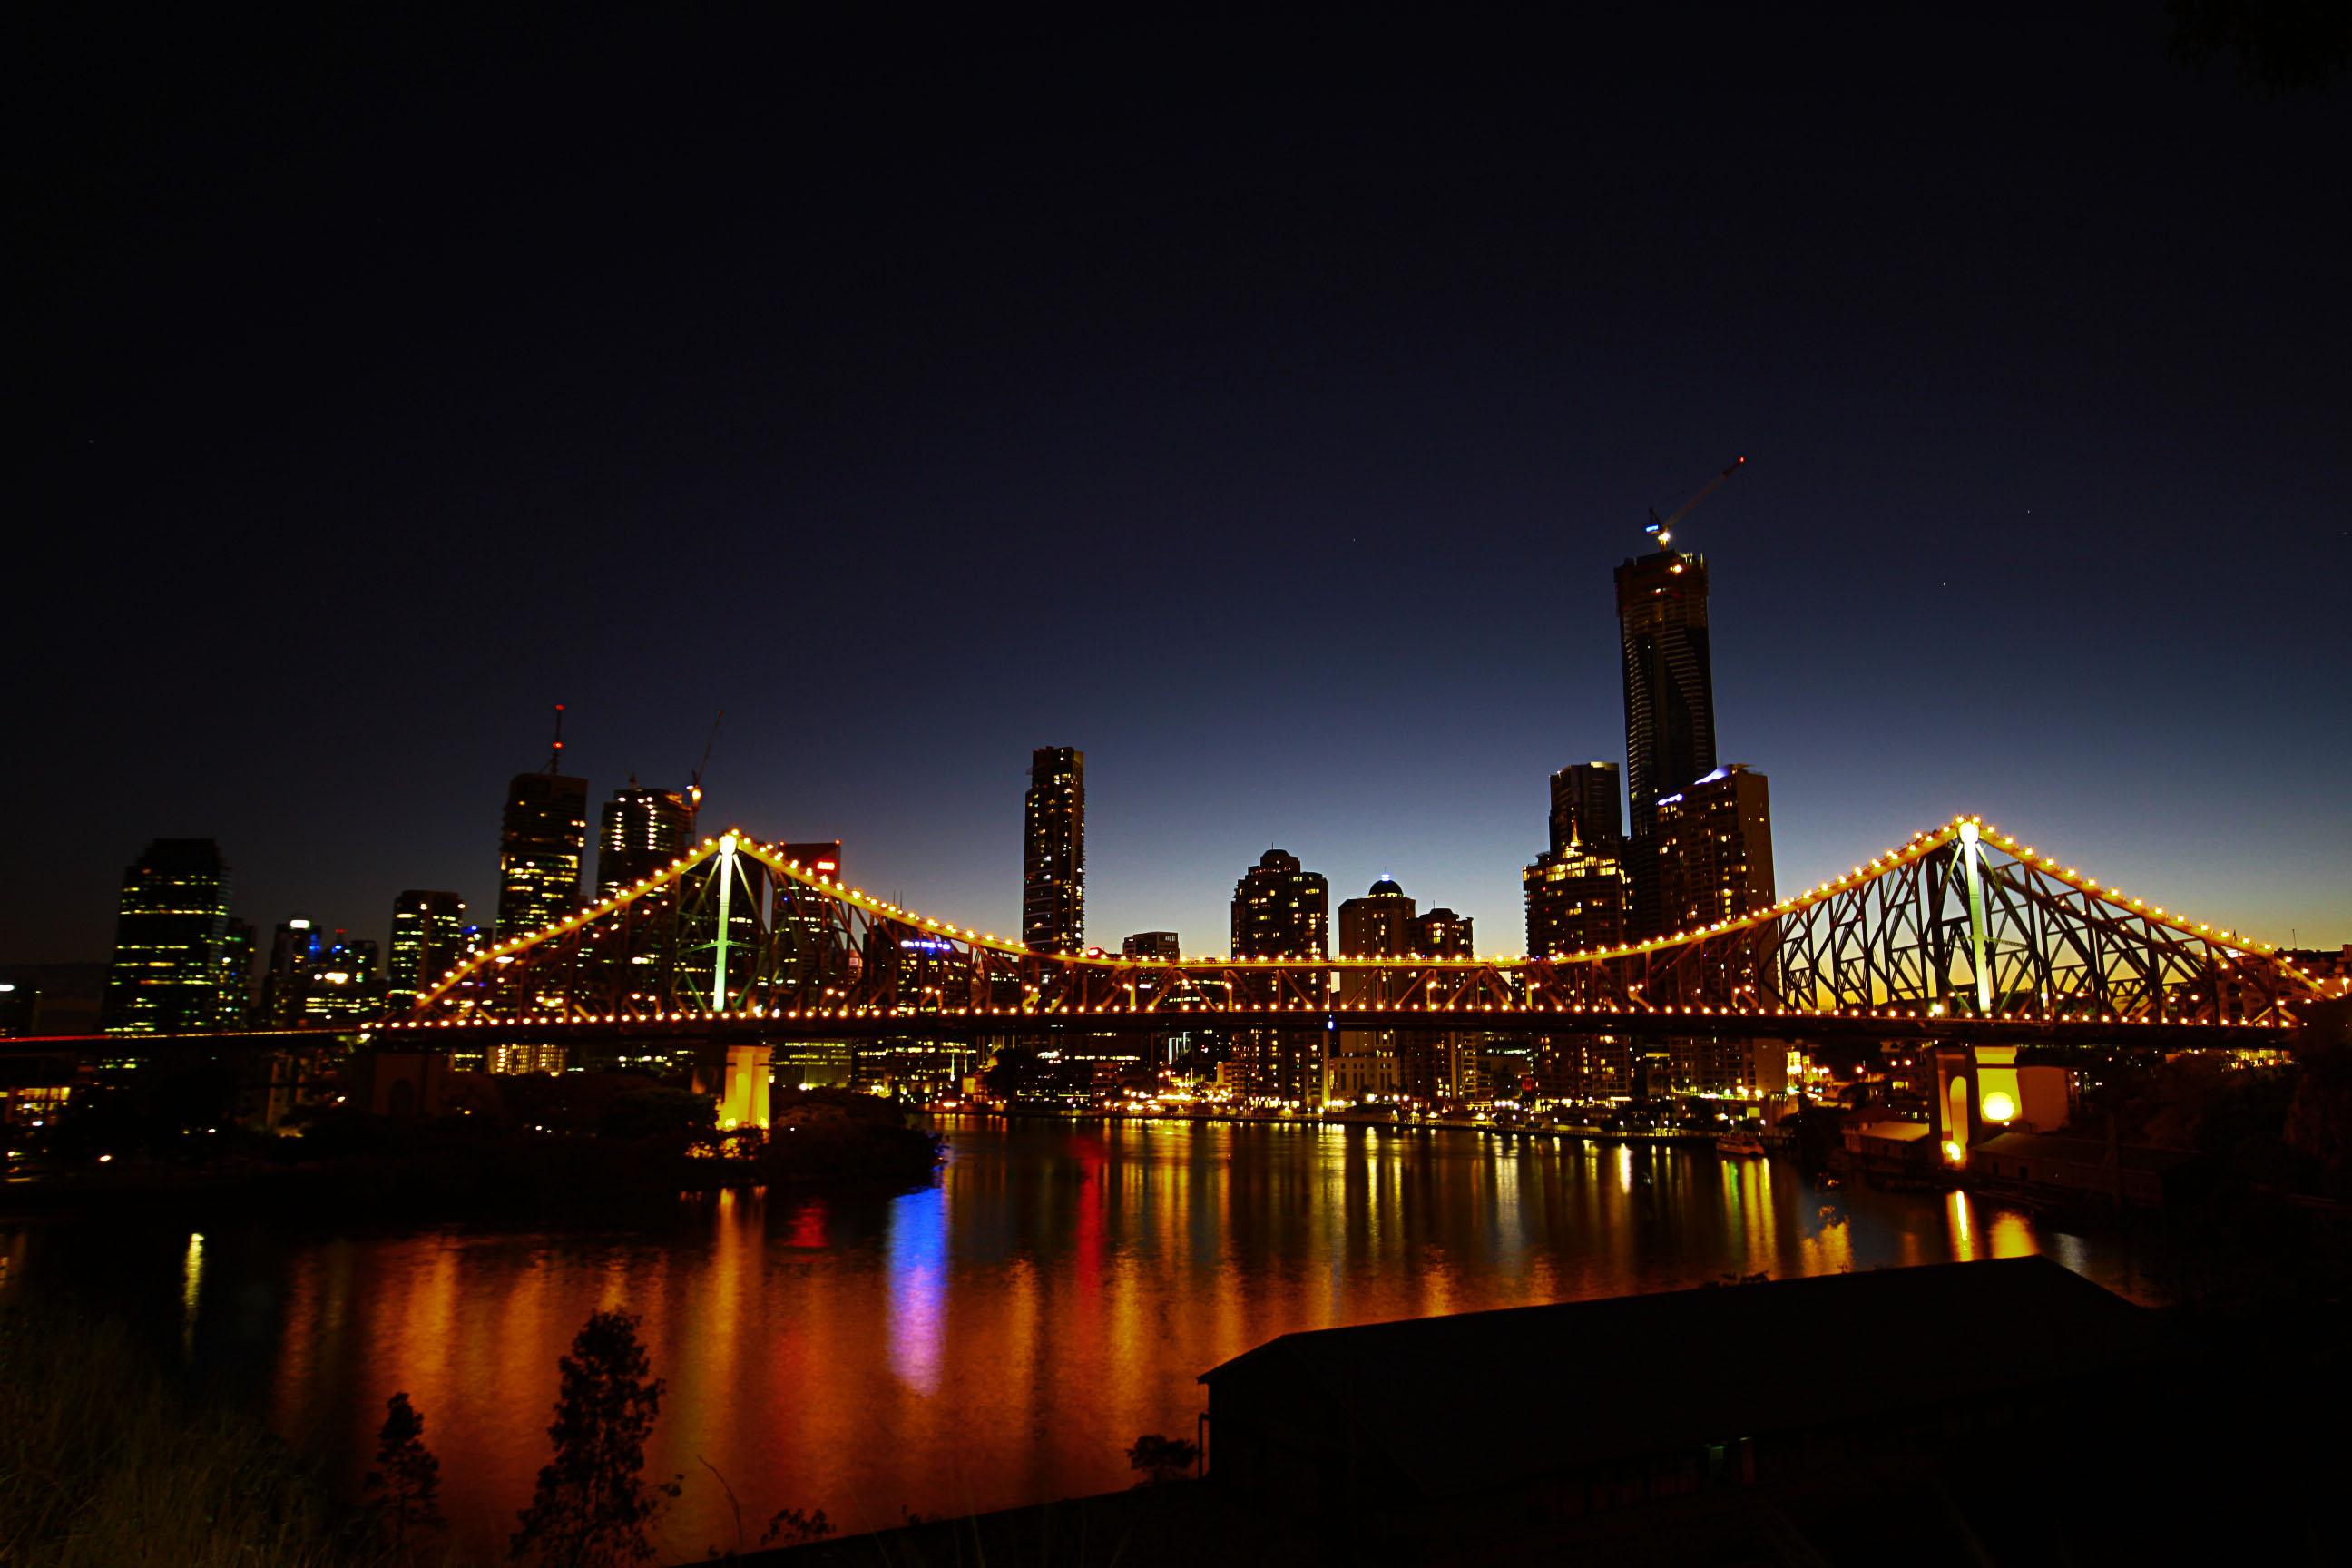 Walking dating sites uk in Brisbane